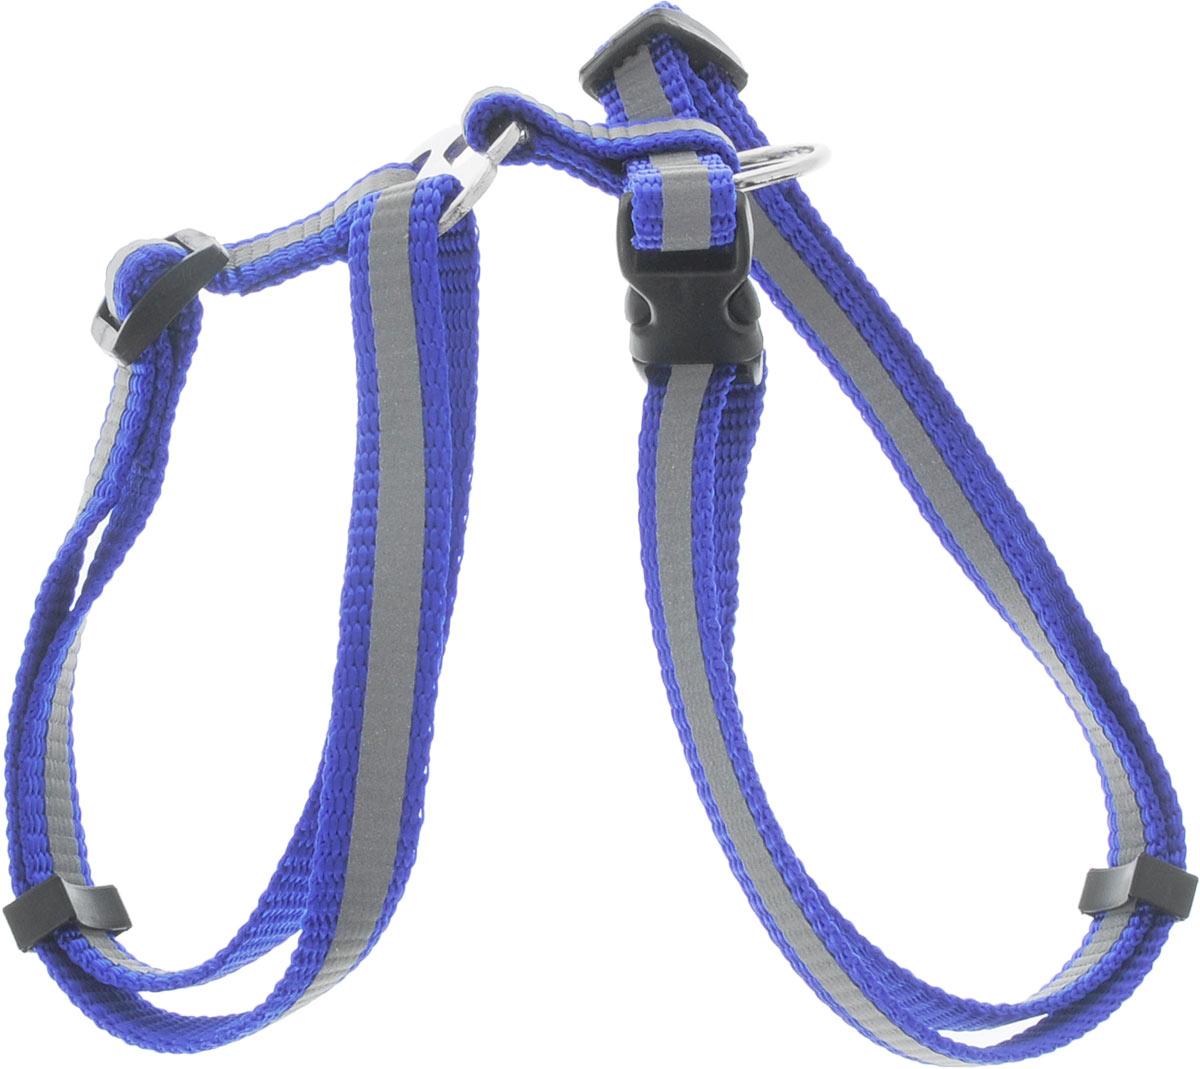 Шлейка для собак Каскад, со светоотражателем, цвет: синий, ширина 10 мм, обхват груди 20-30 см01210013-06Шлейка, изготовленная из прочного нейлона, подходит для собак. Крепкие металлические элементы делают ее надежной и долговечной. Шлейка - это альтернатива ошейнику. Правильно подобранная шлейка не стесняет движения питомца, не натирает кожу, поэтому животное чувствует себя в ней уверенно и комфортно. Размер регулируется при помощи пряжки. Обхват груди: 20-30 см. Ширина шлейки: 1 см.